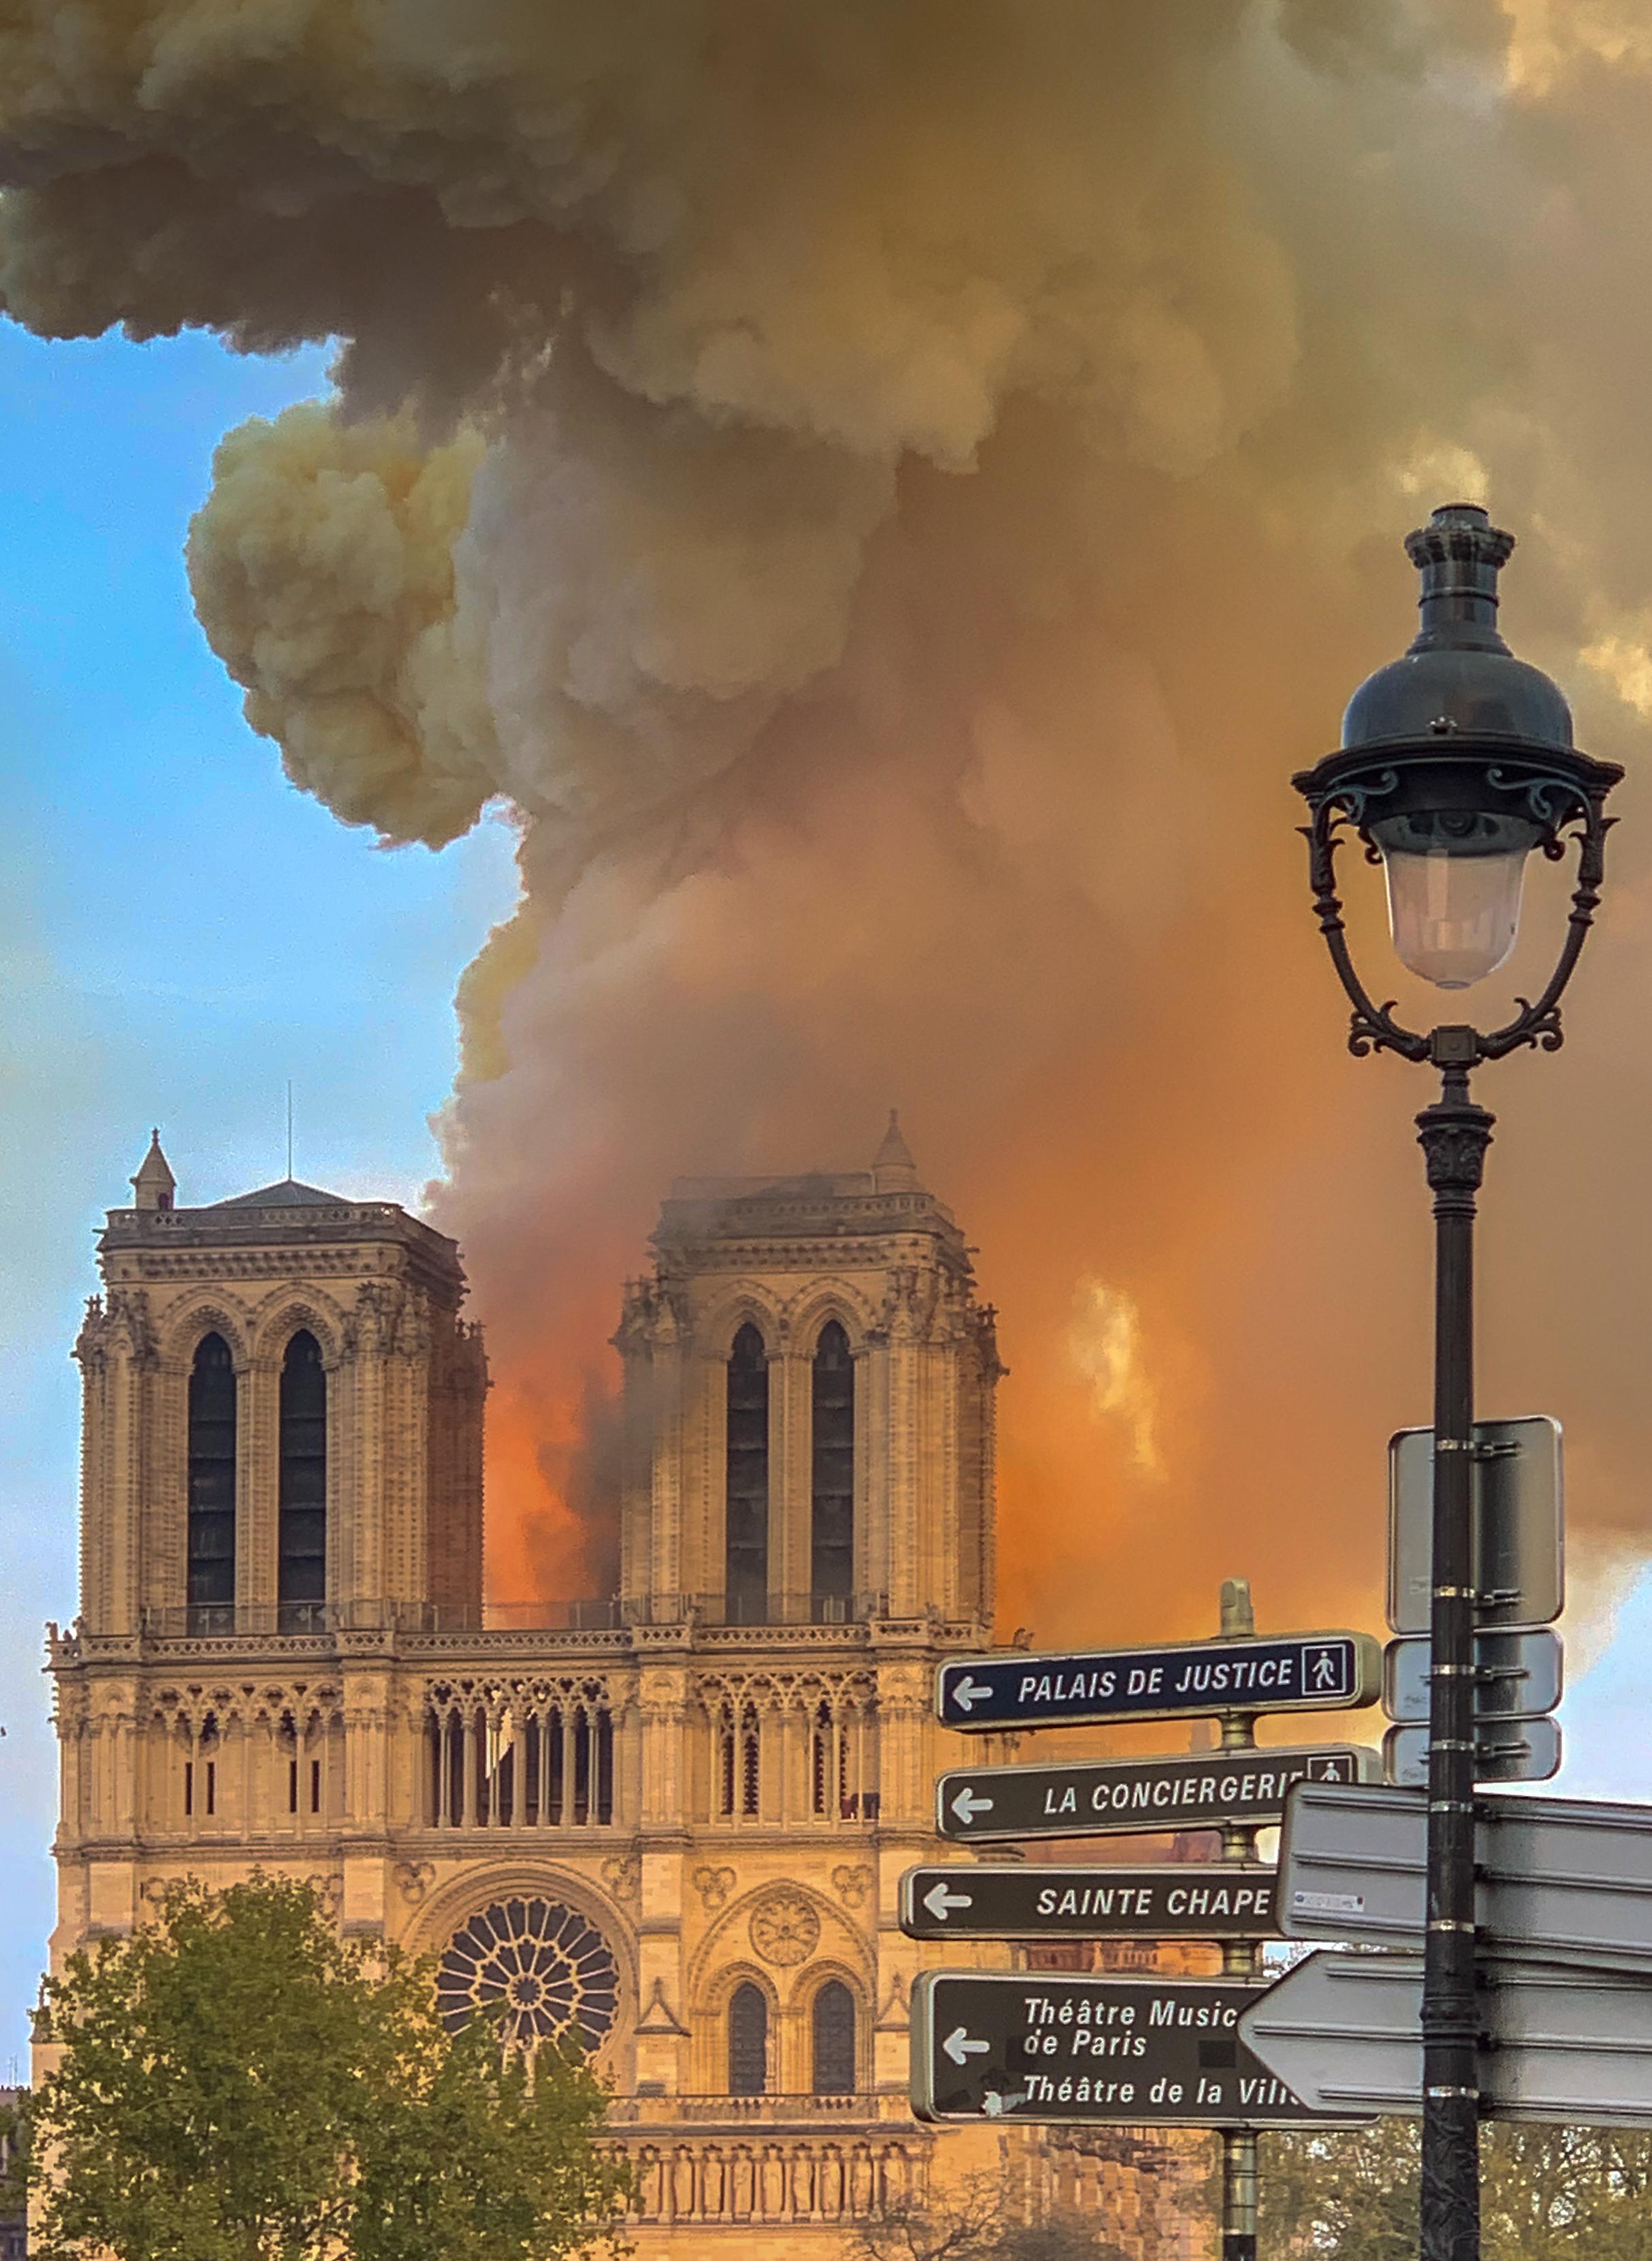 Album Notre Dame De Paris : album, notre, paris, After, Fire:, Notre, Paris, Again, France